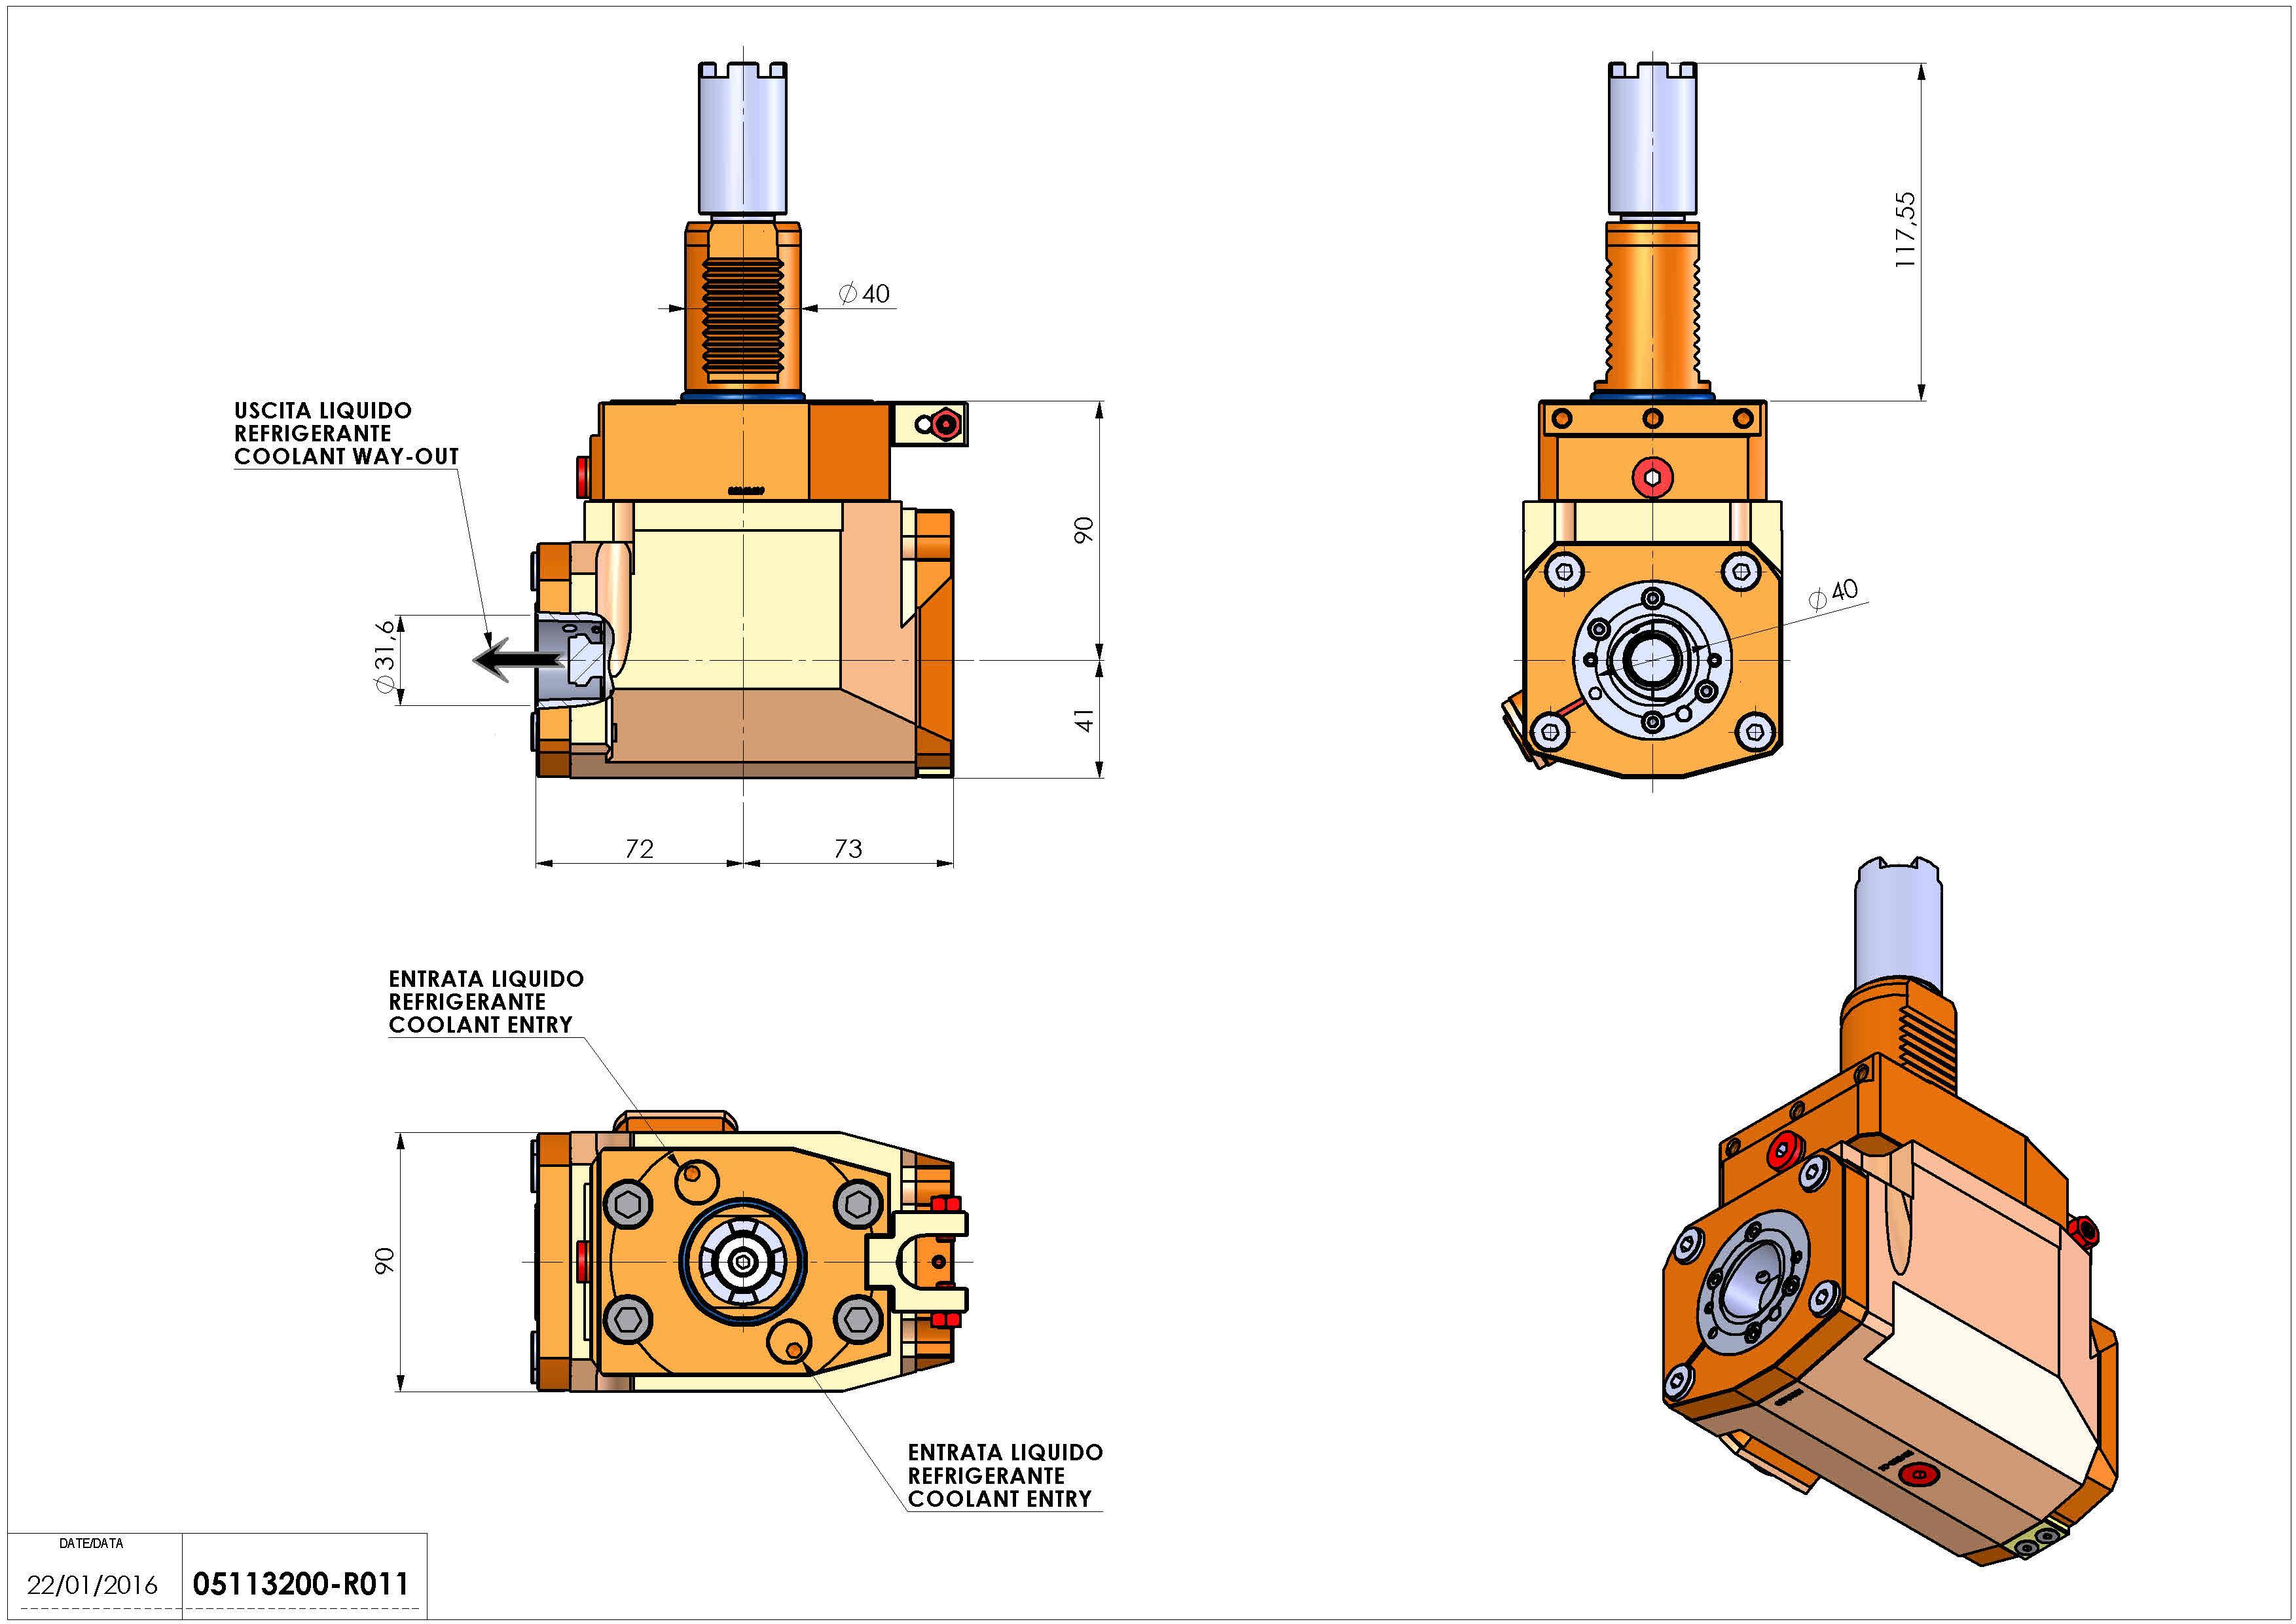 Technical image - LT-A VDI40 C4 RFH-PR H90-117HA.